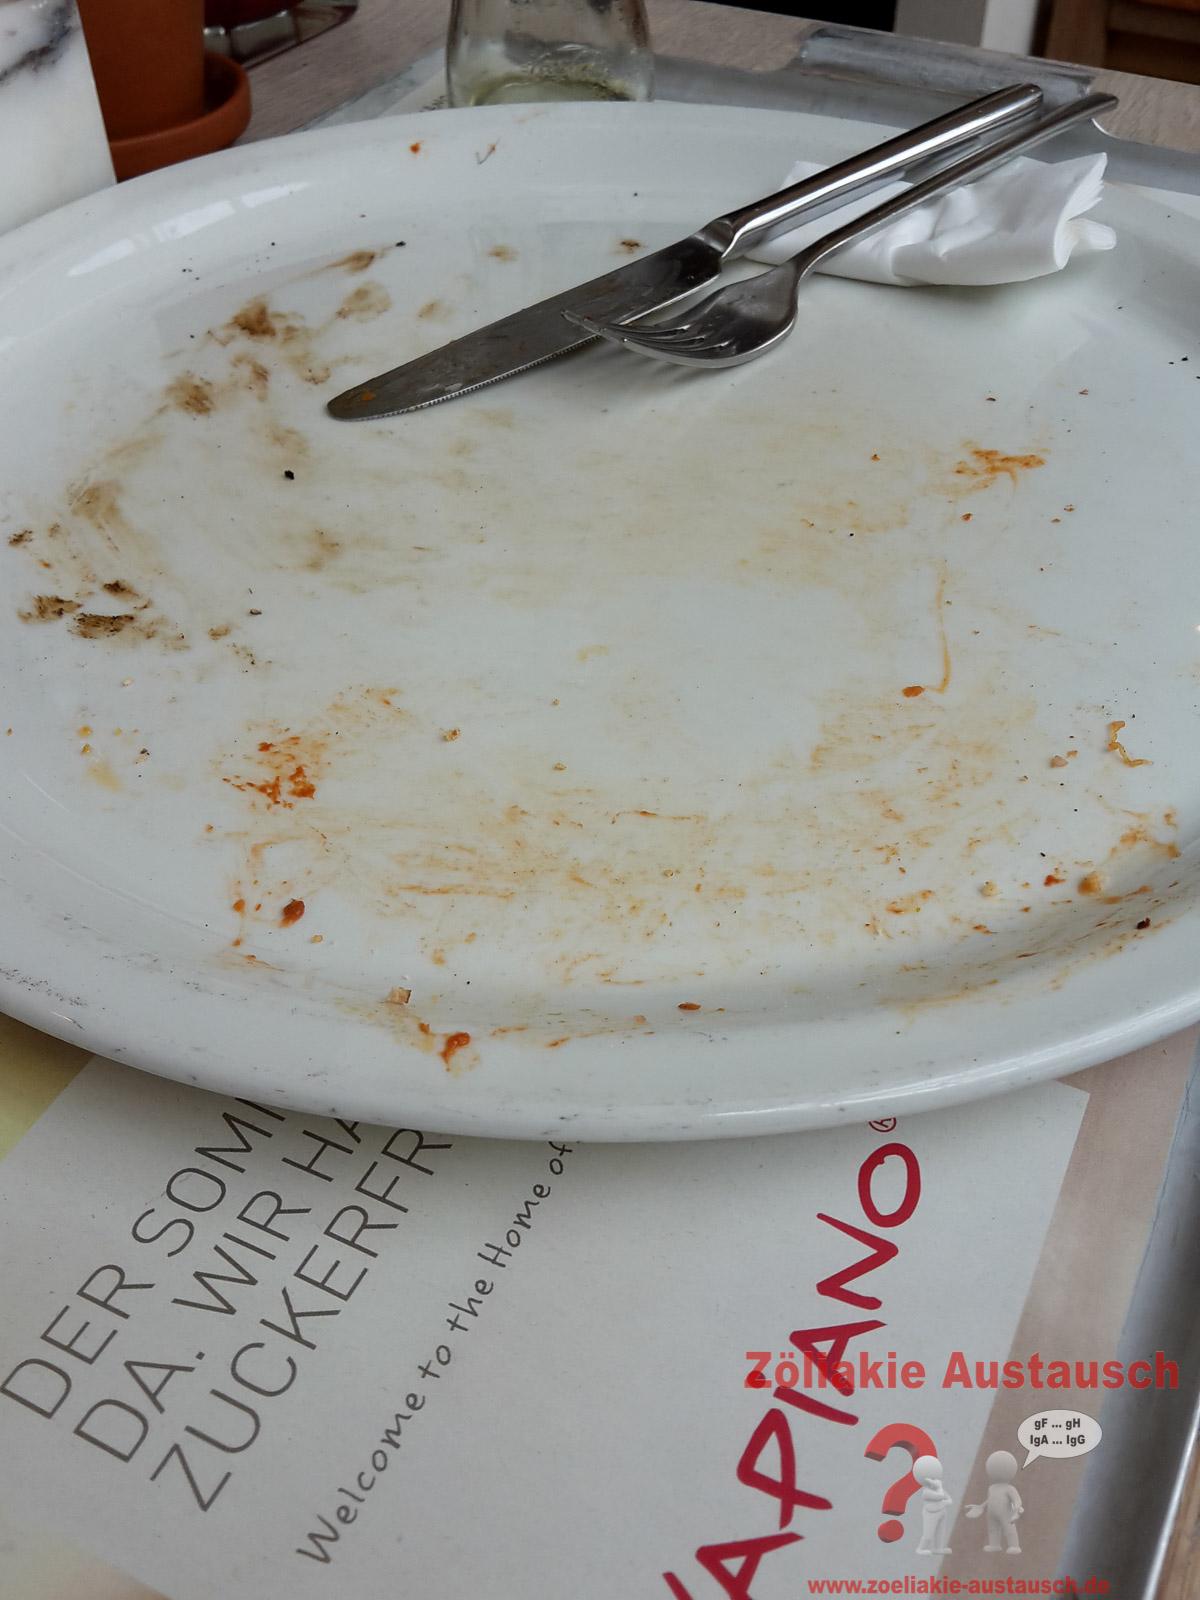 Glutenfreie Pizza Und Pasta Bei Vapiano Deutschland Ein Neues Angebot F 252 R Menschen Mit